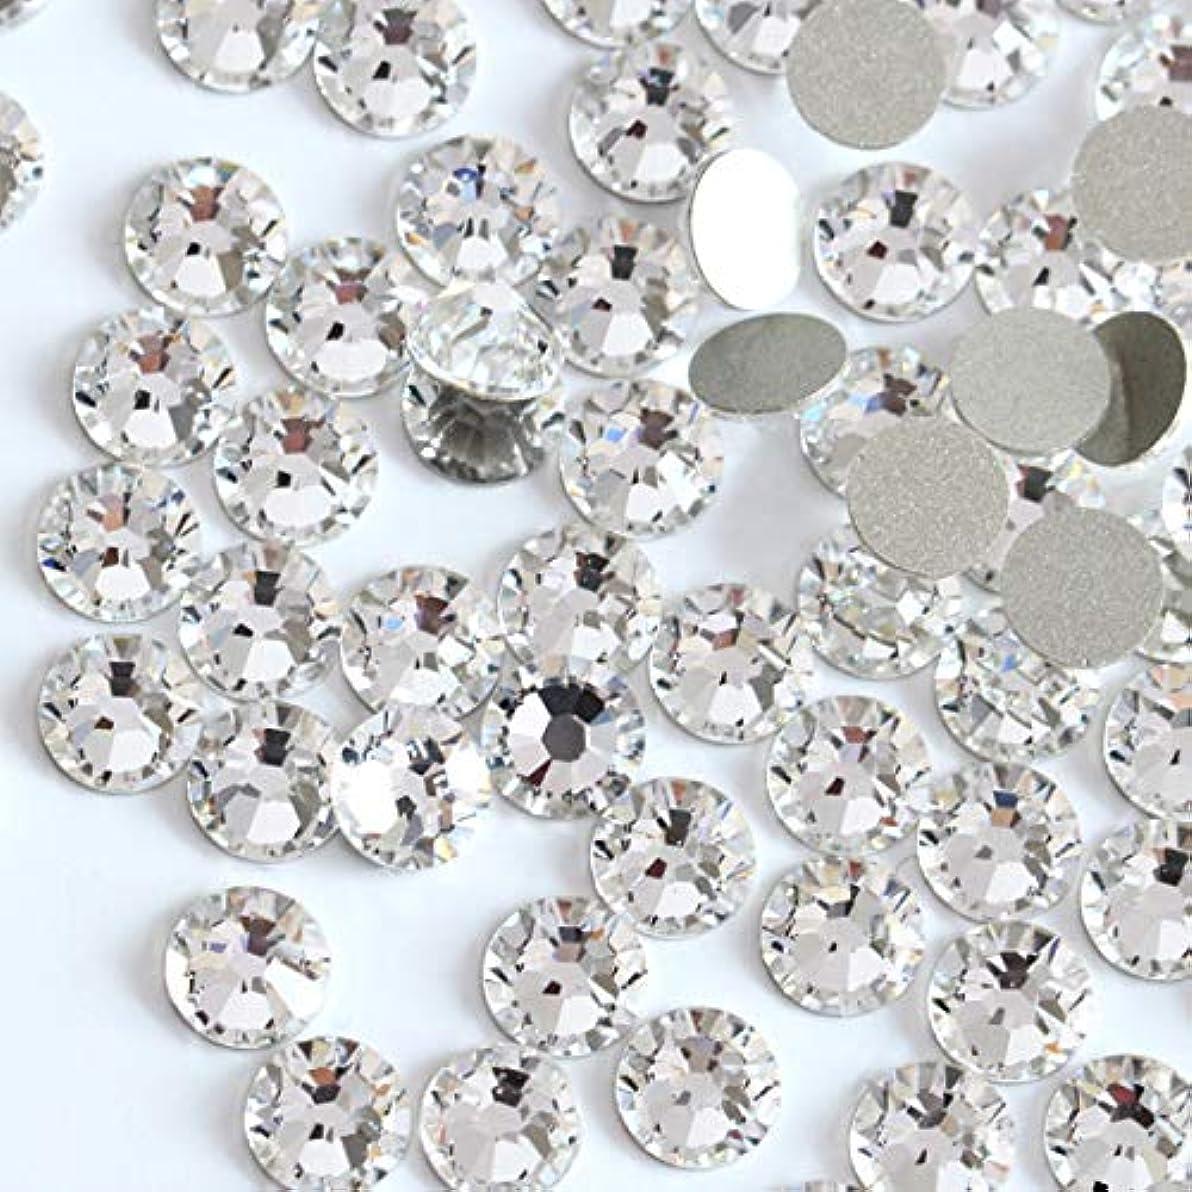 バックアップシャープ副産物【ラインストーン77】 高品質ガラス製ラインストーン クリスタル(6.3mm (SS30) 約45粒)